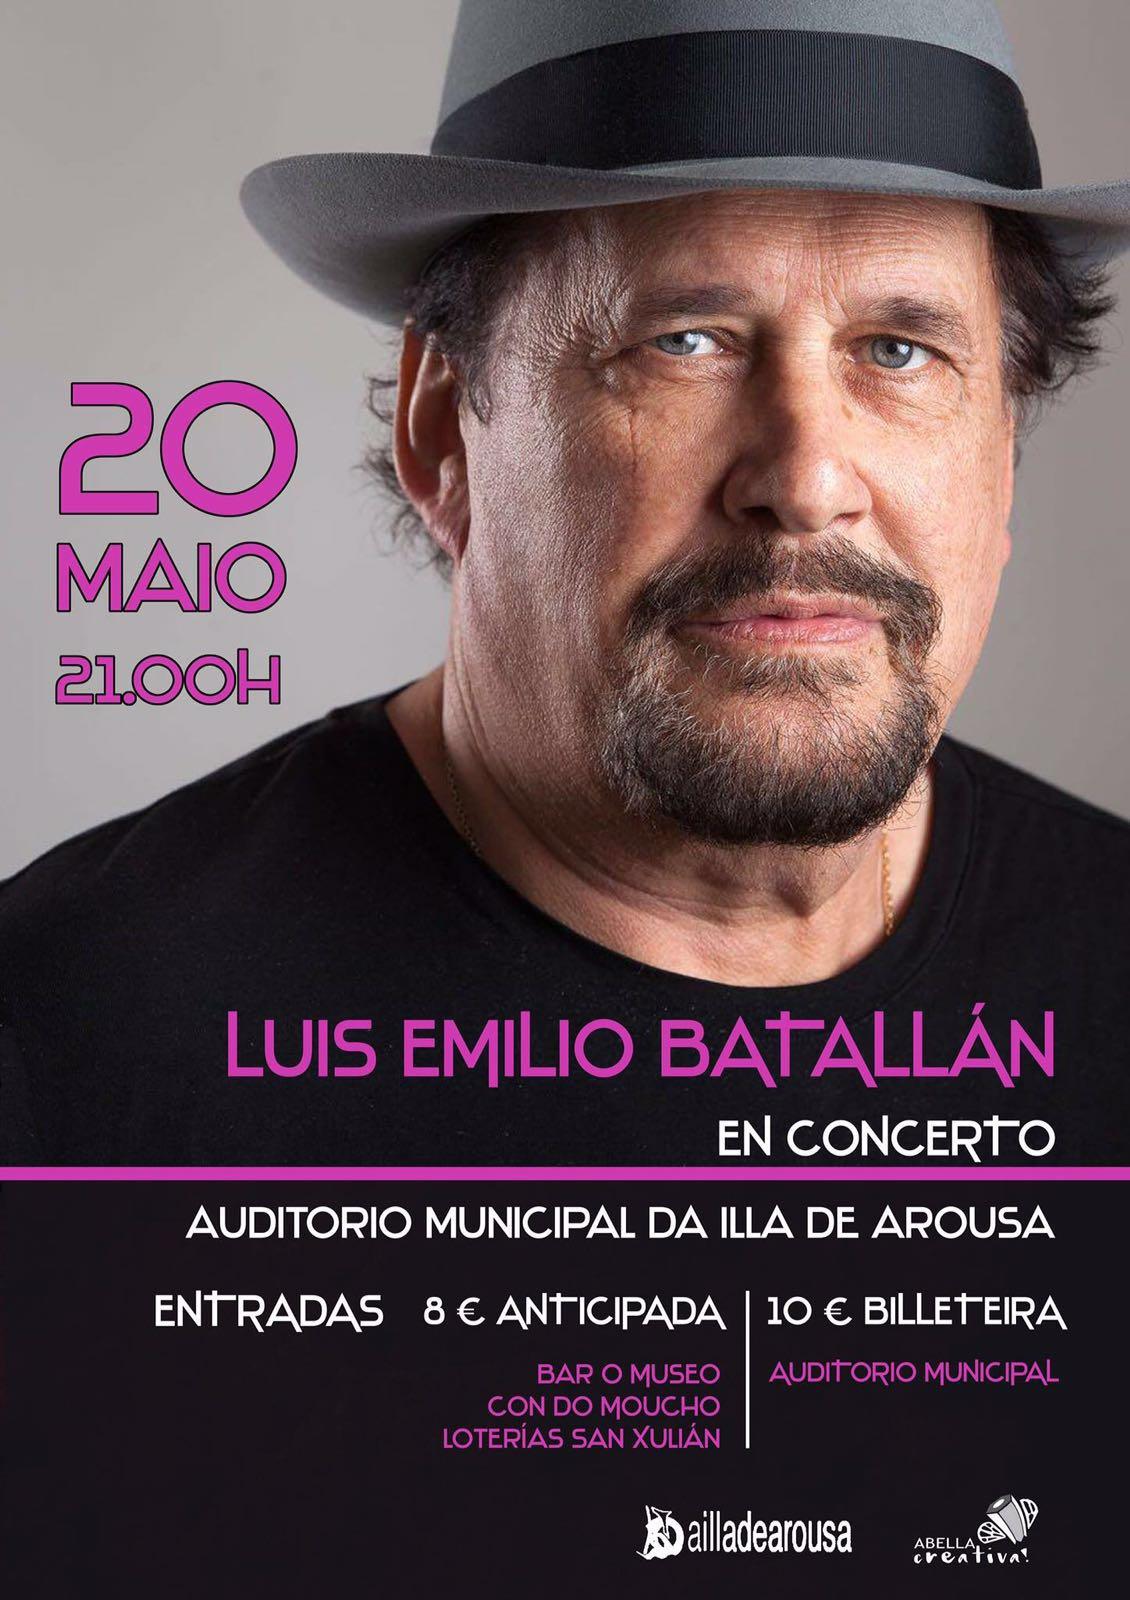 LUIS EMILIO BATALLÁN EN CONCERTO